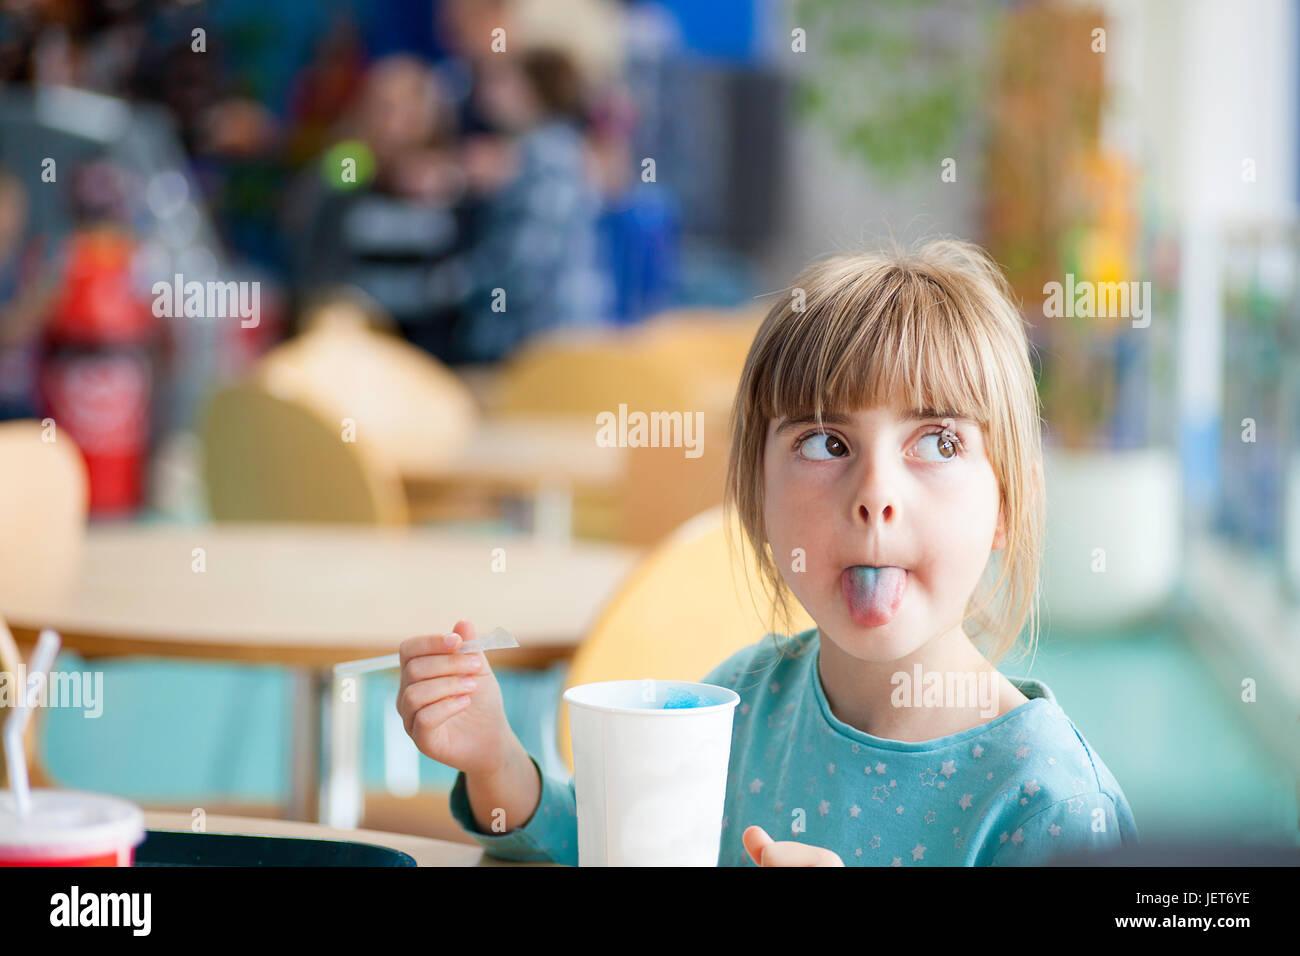 Süße blonde Mädchen kleben oder stossen Zunge heraus mit blauen zerstoßenes Eisgetränk Stockbild